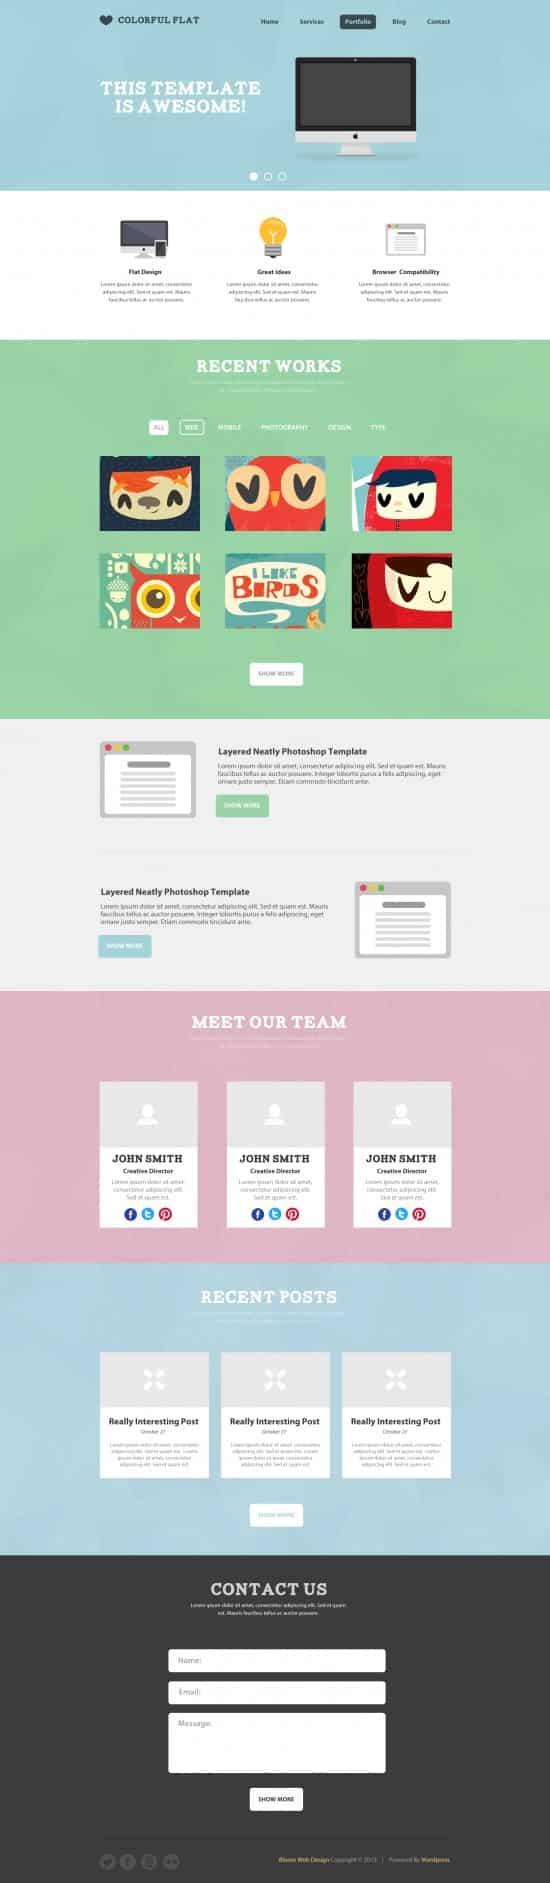 40 high quality psd website templates designbump